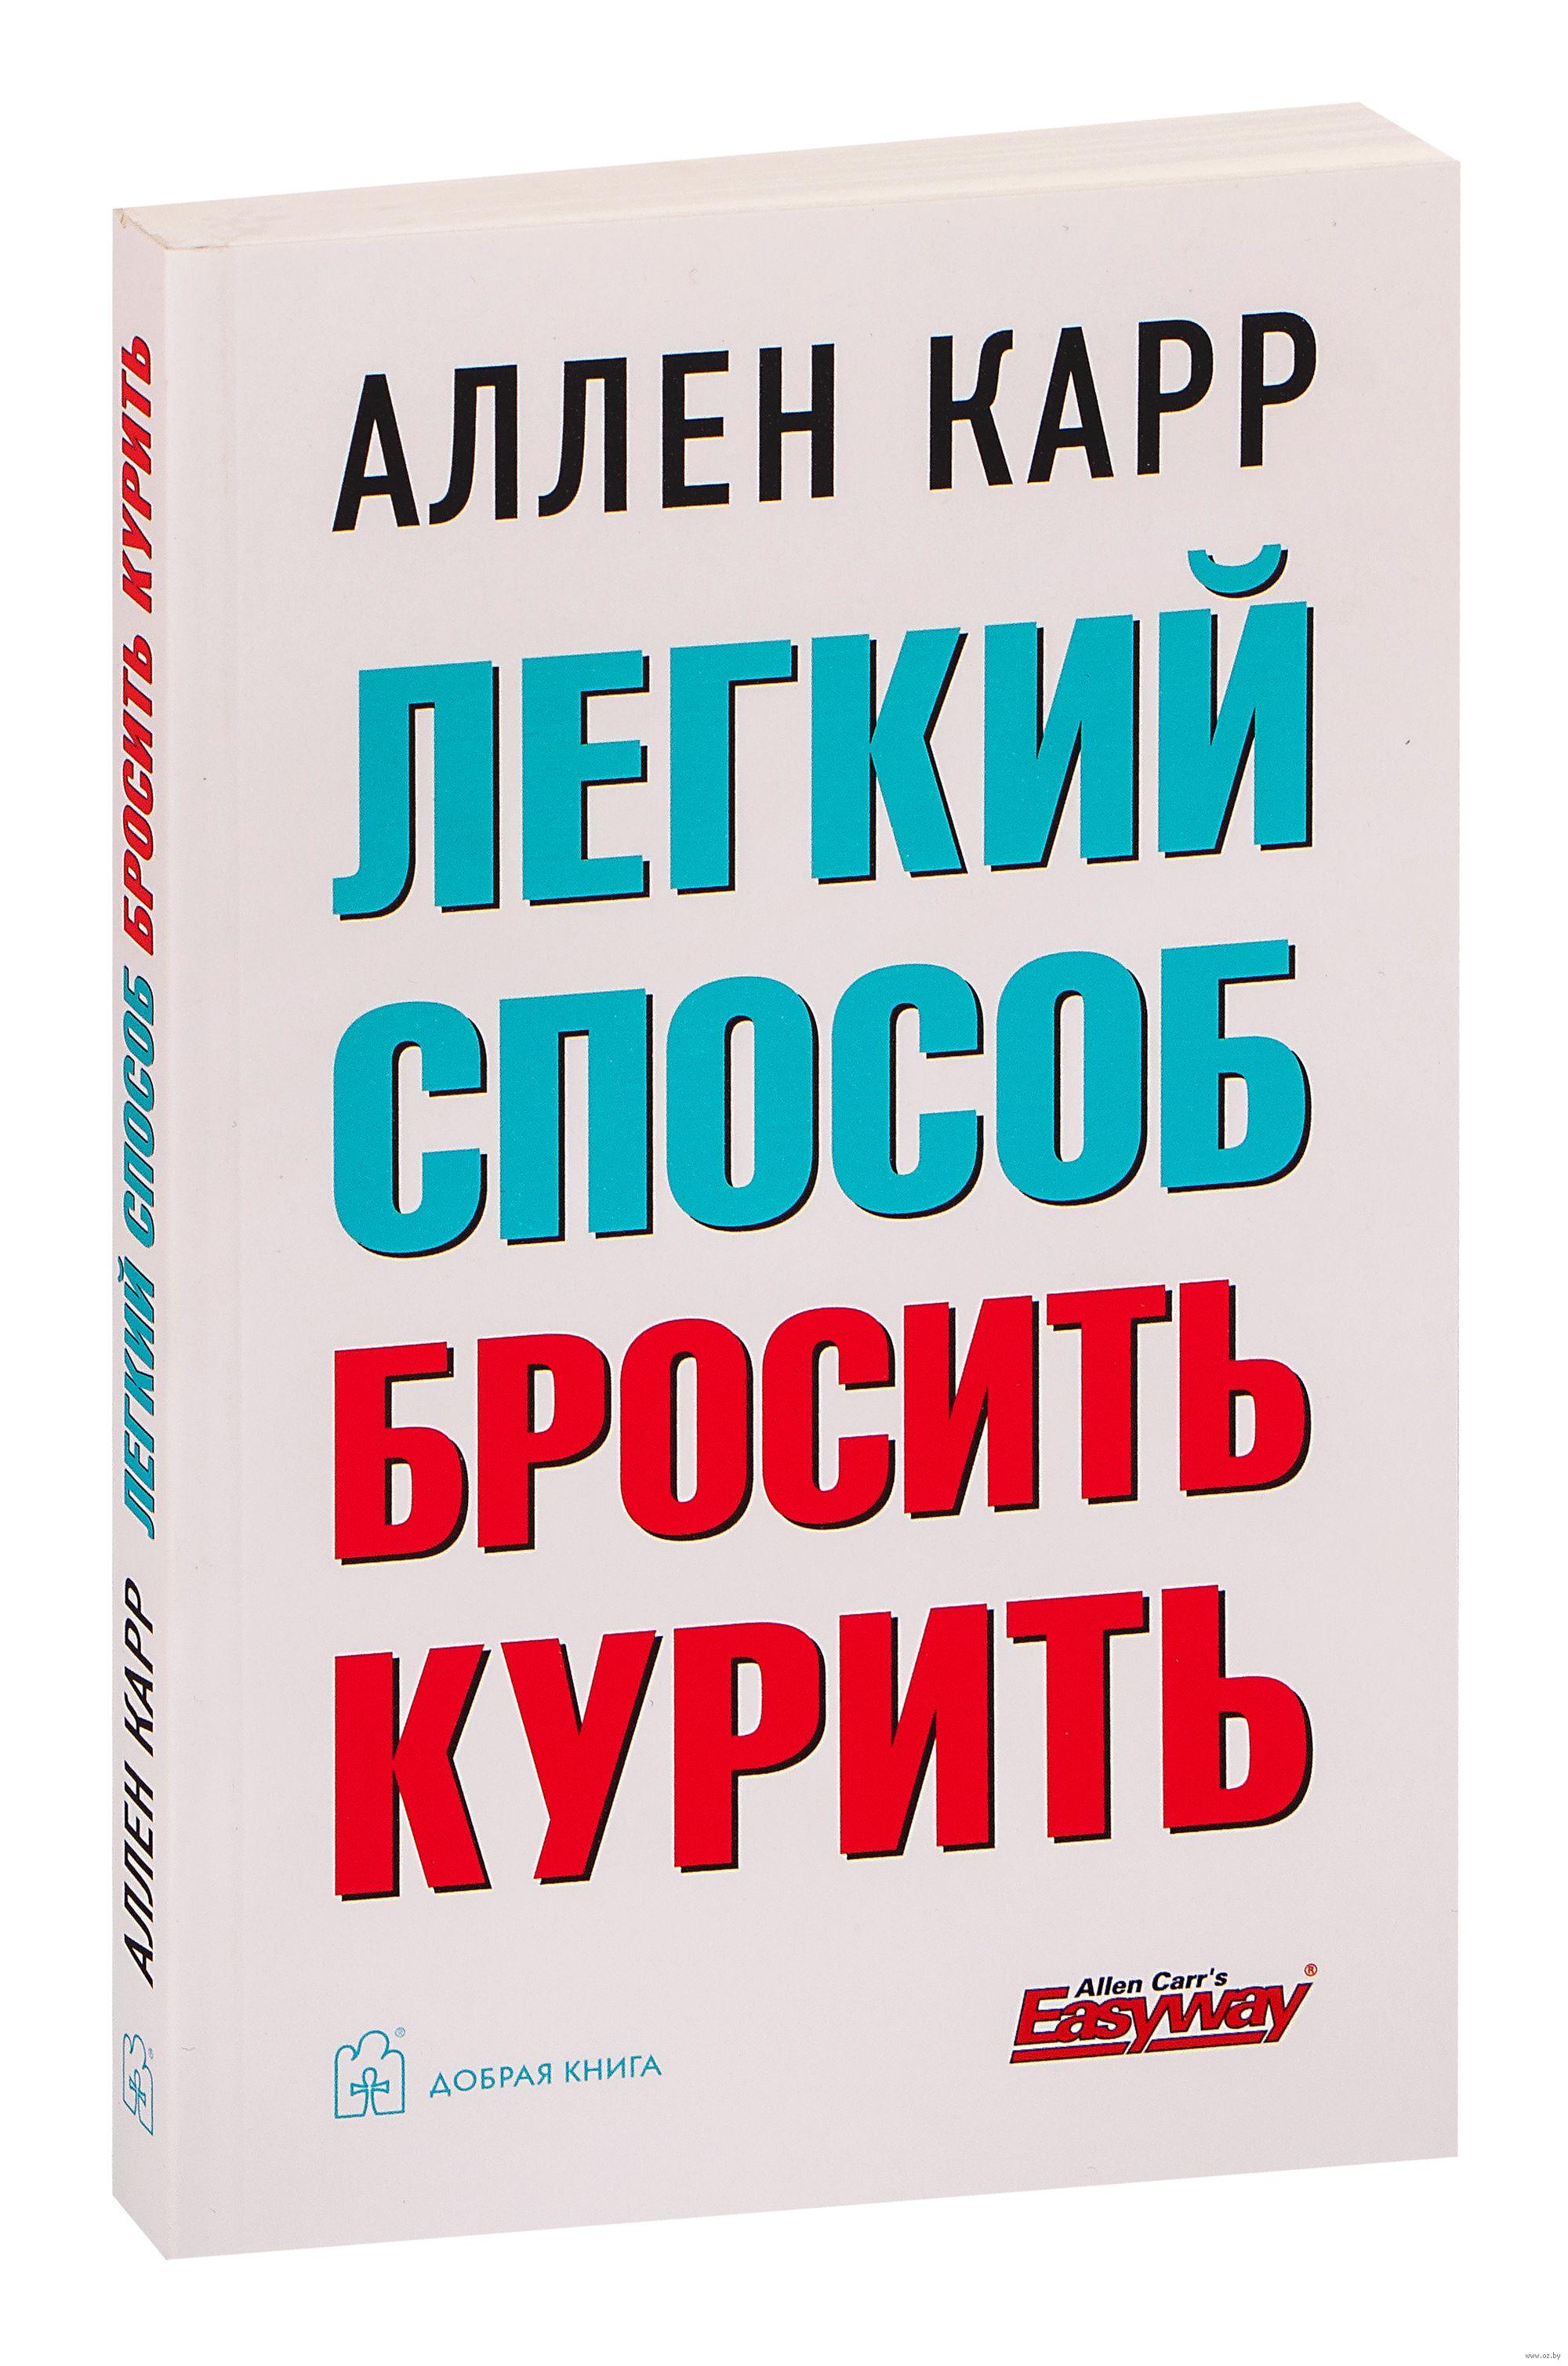 Книга легкий способ бросить похудеть аллен карр